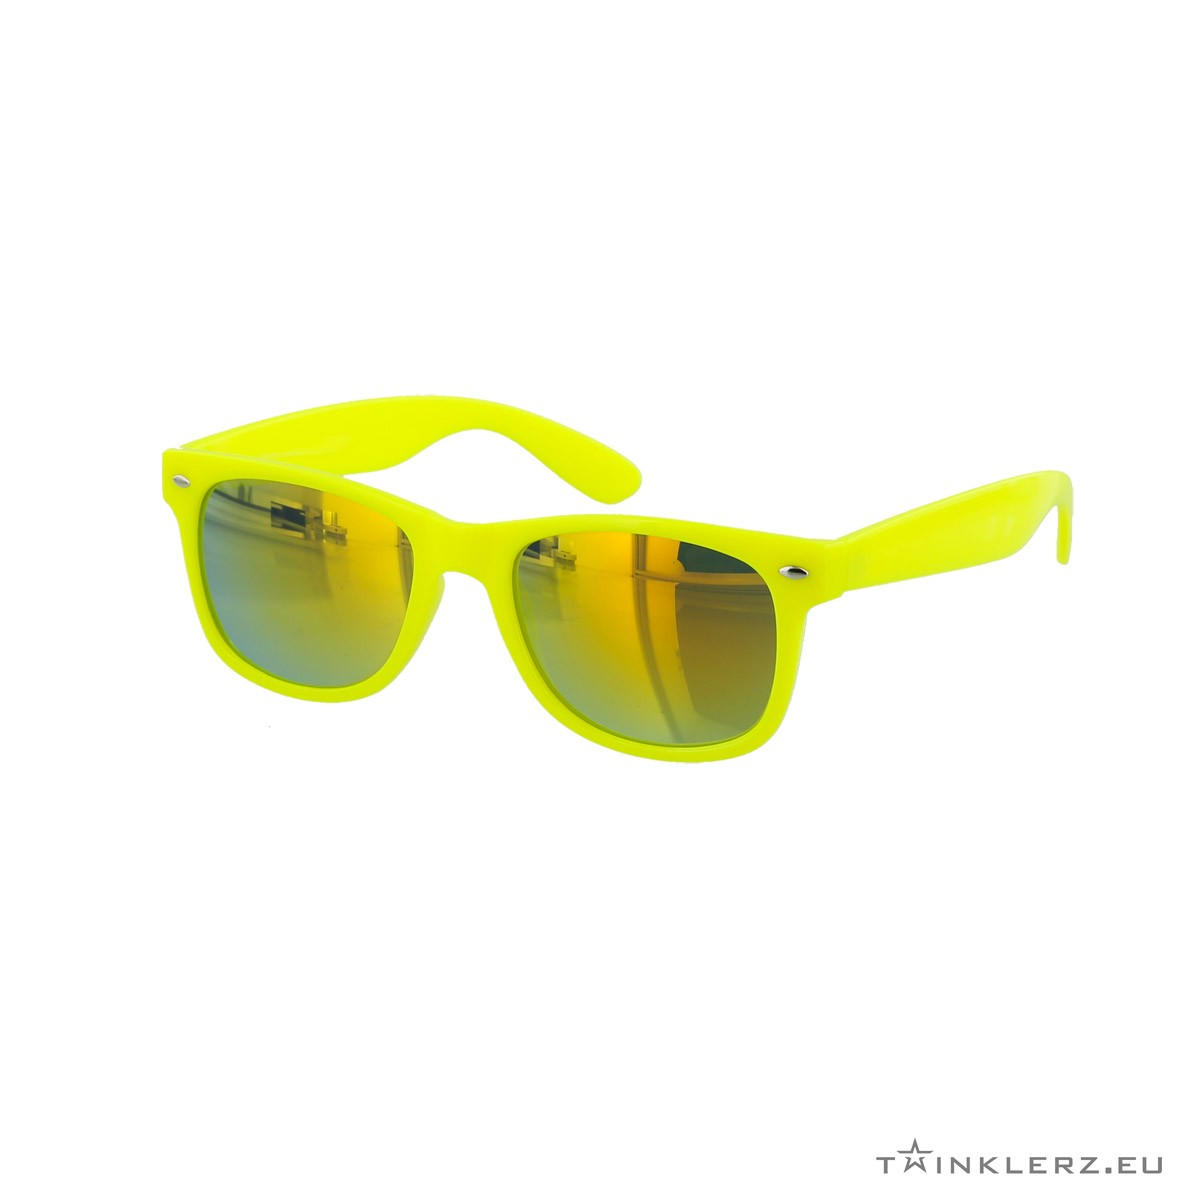 Yellow mirrored yellow wayfarer sunglasses